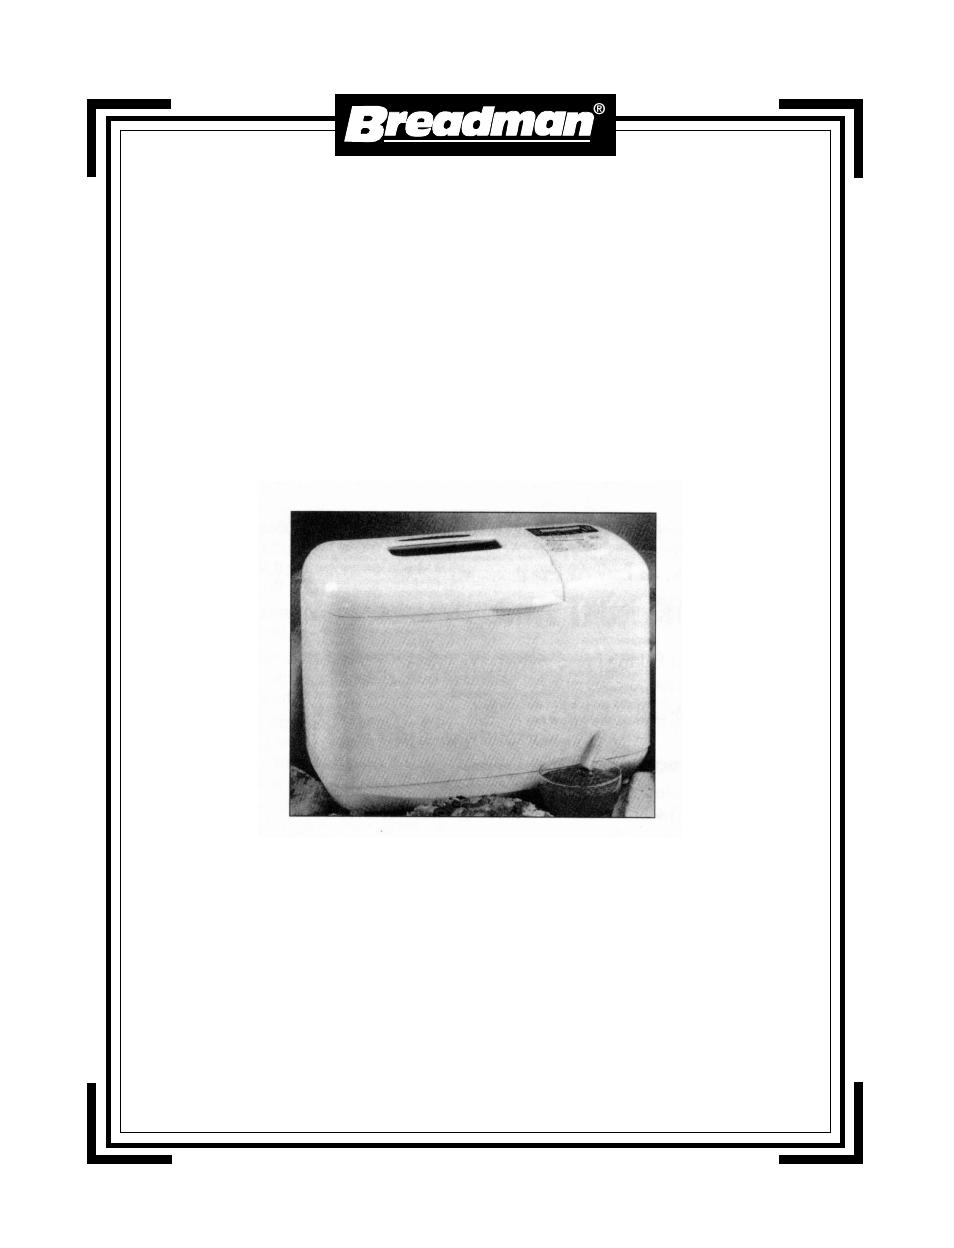 Breadman Bread Maker Manuals - ManualsOnline.com